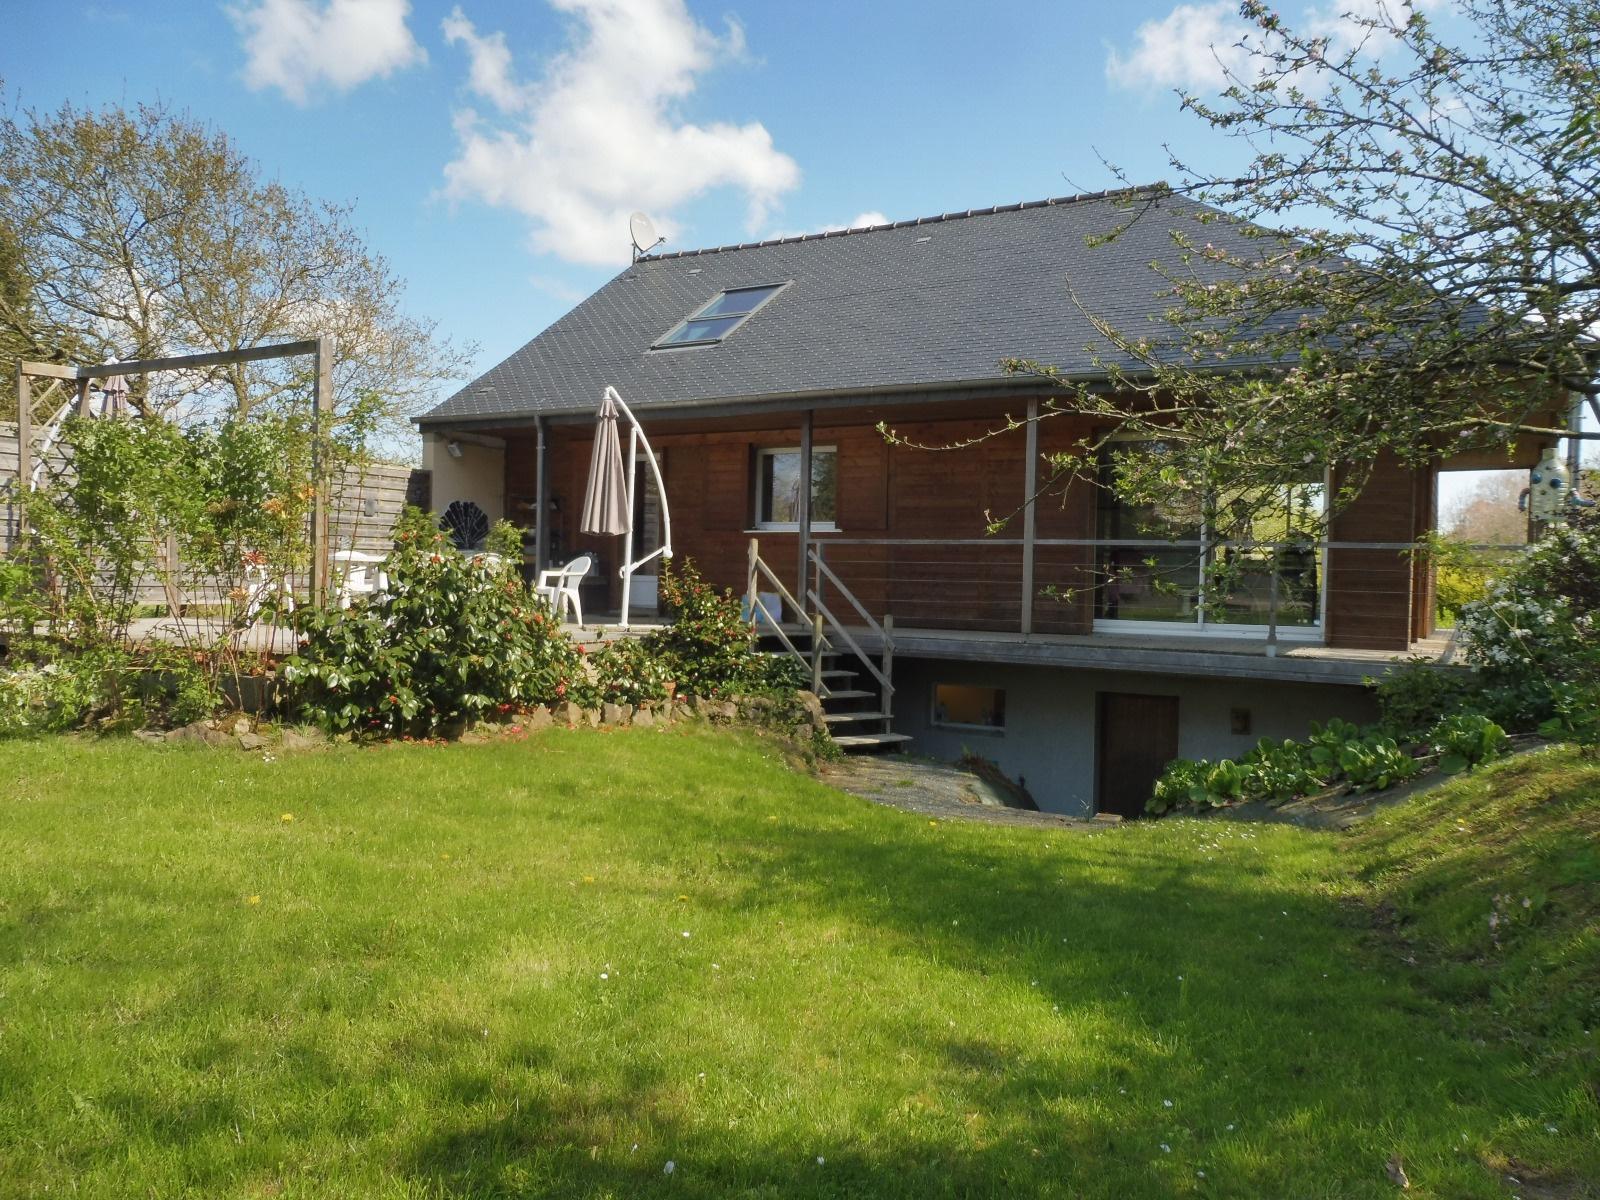 Vente maison moderne 110 m2 terrain 2500m2 for Maison moderne 31